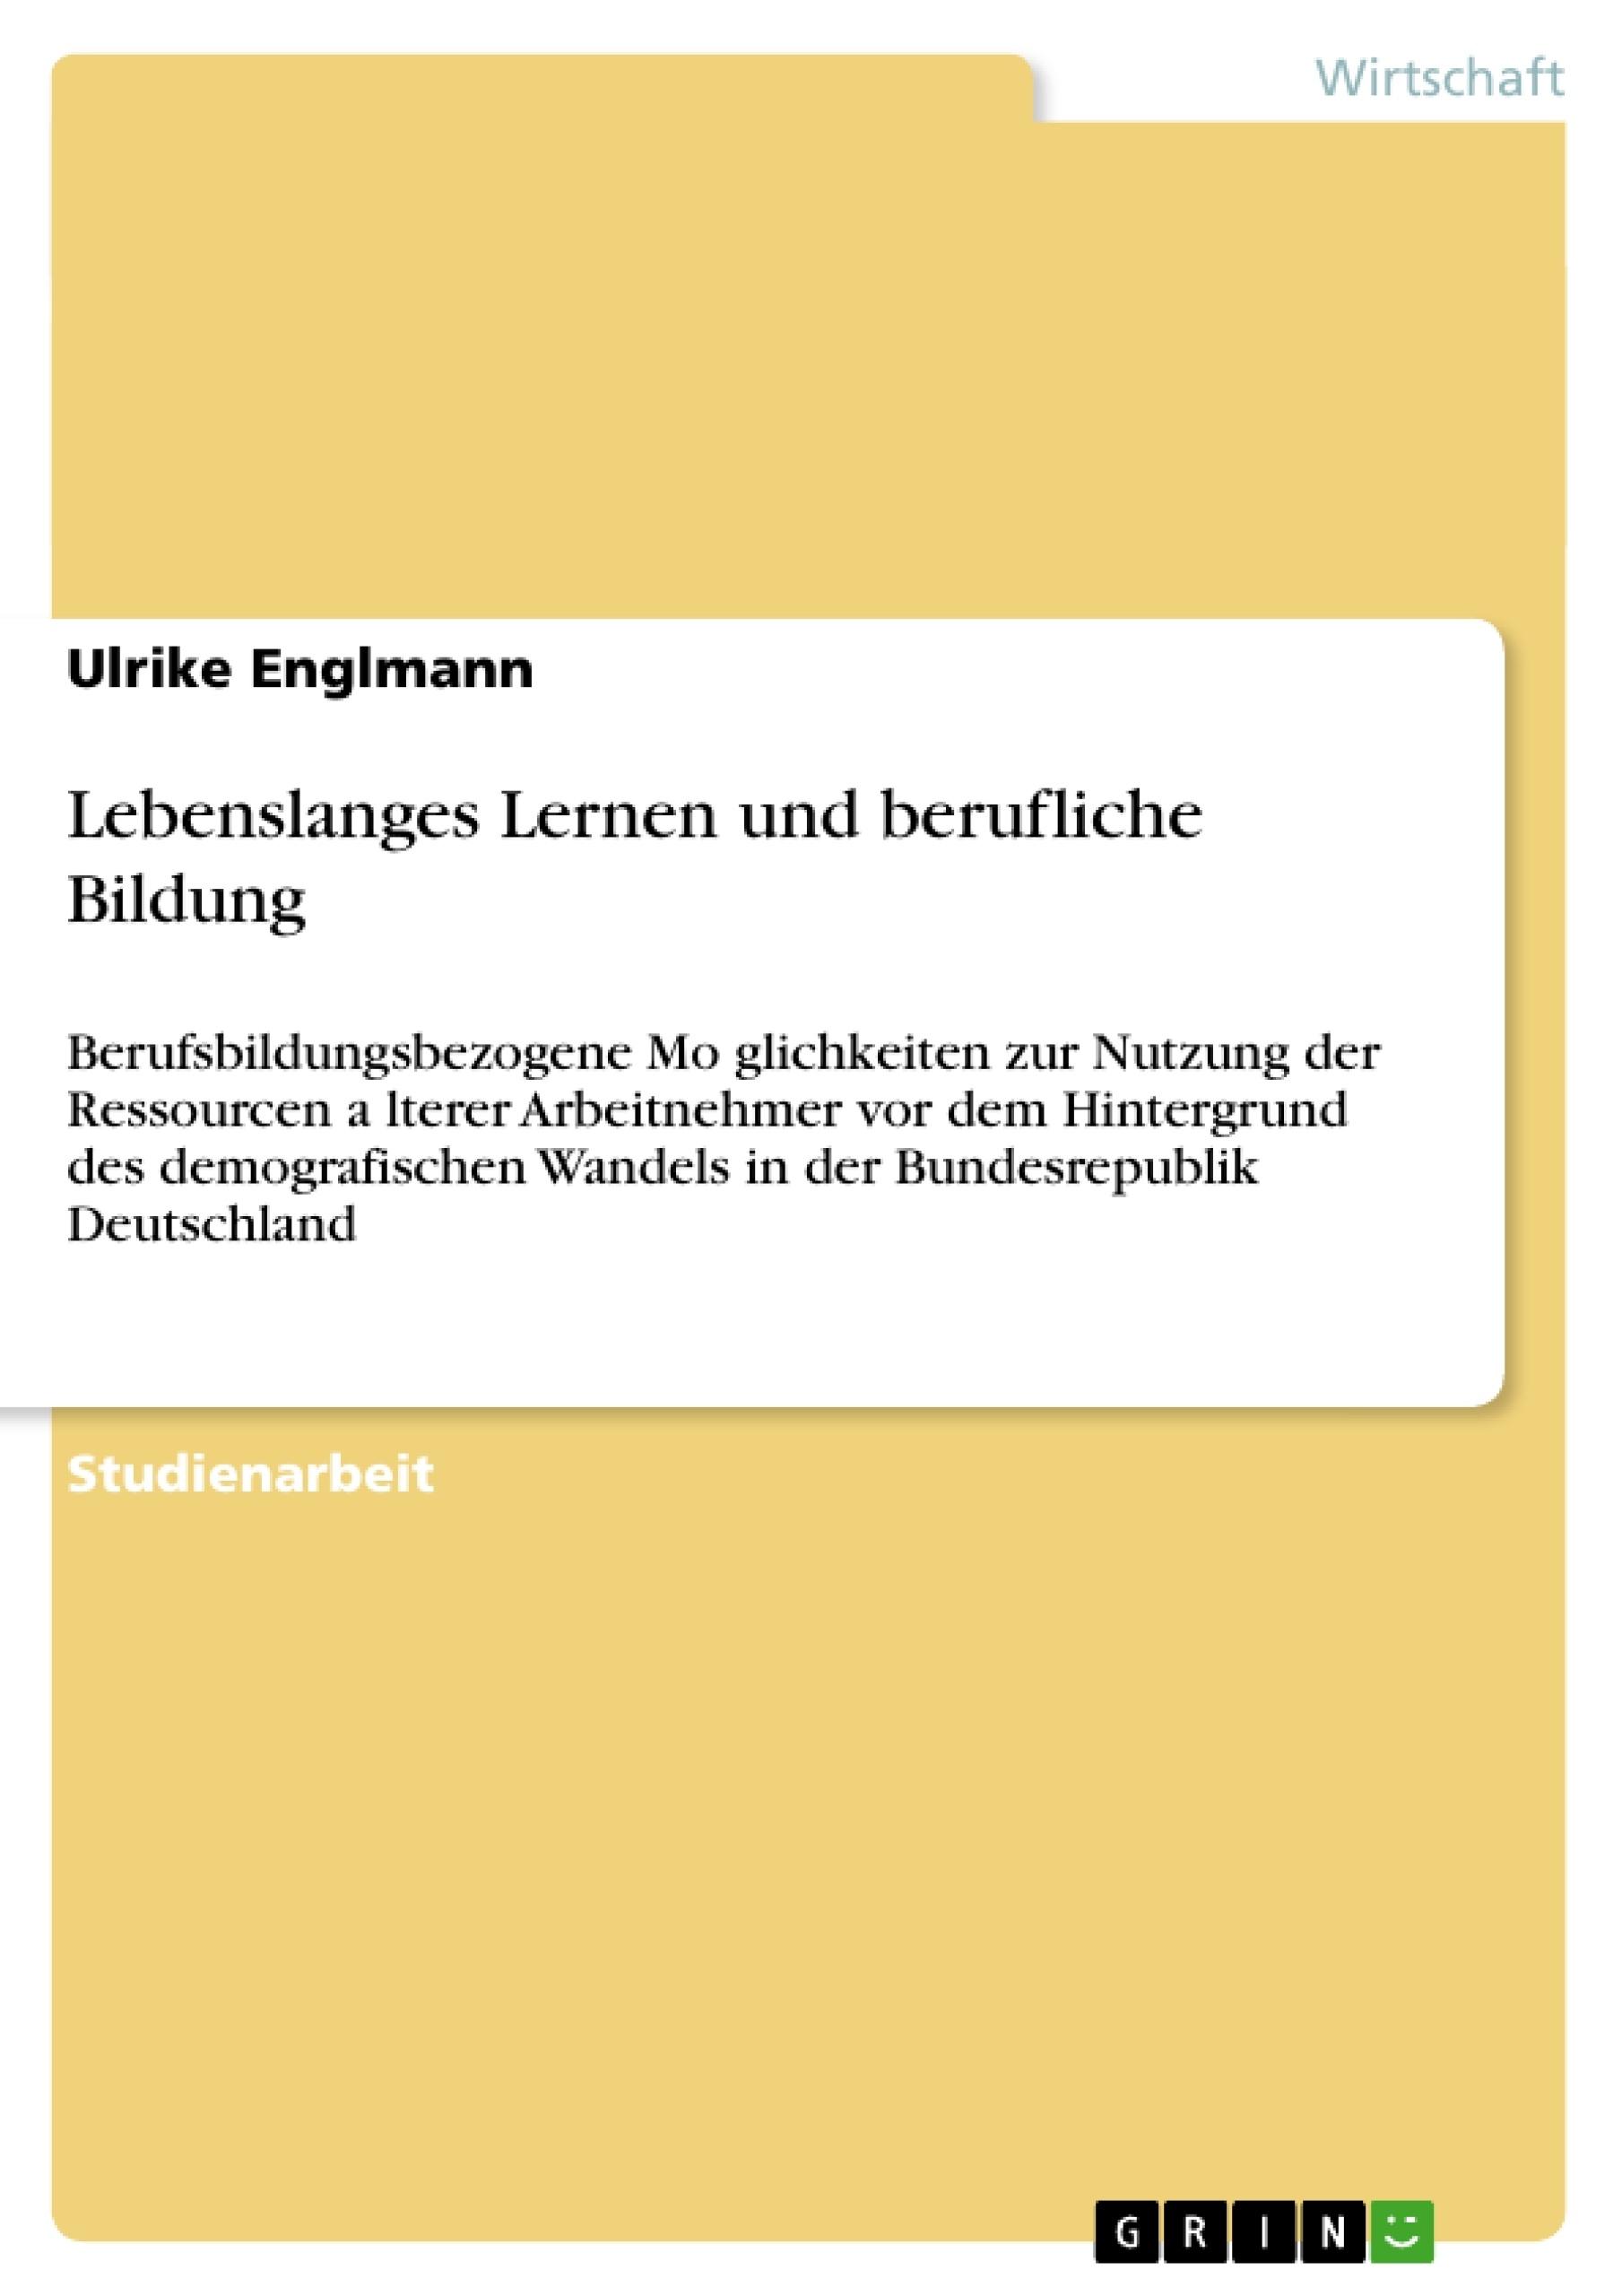 Titel: Lebenslanges Lernen und berufliche Bildung